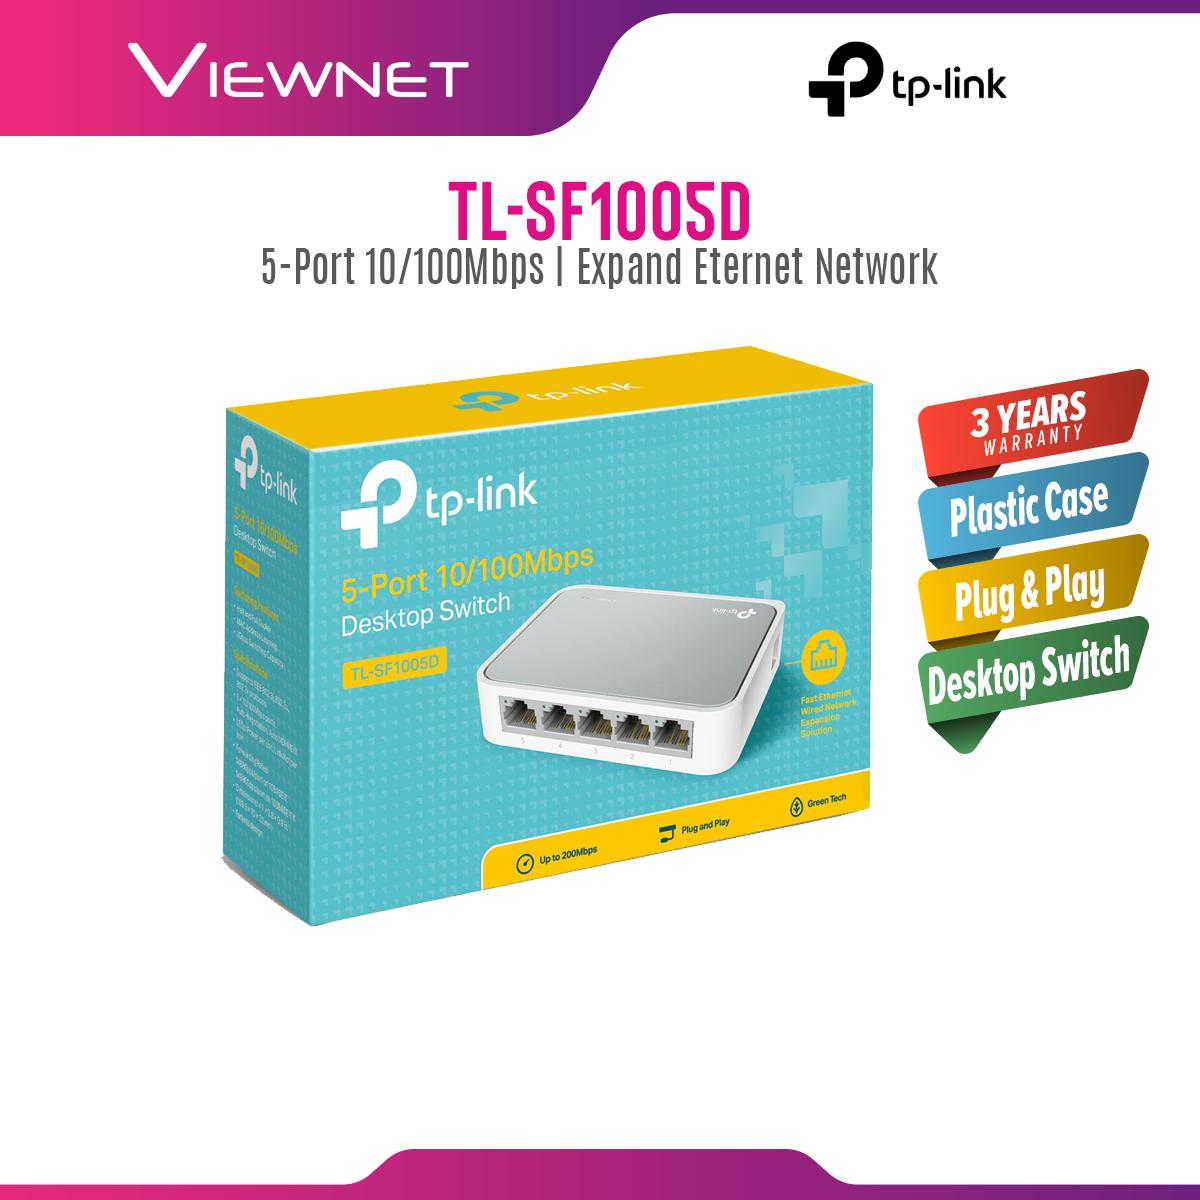 TP-LINK TL-SF1005D 5-Port 10/100Mbps Desktop Network Switch